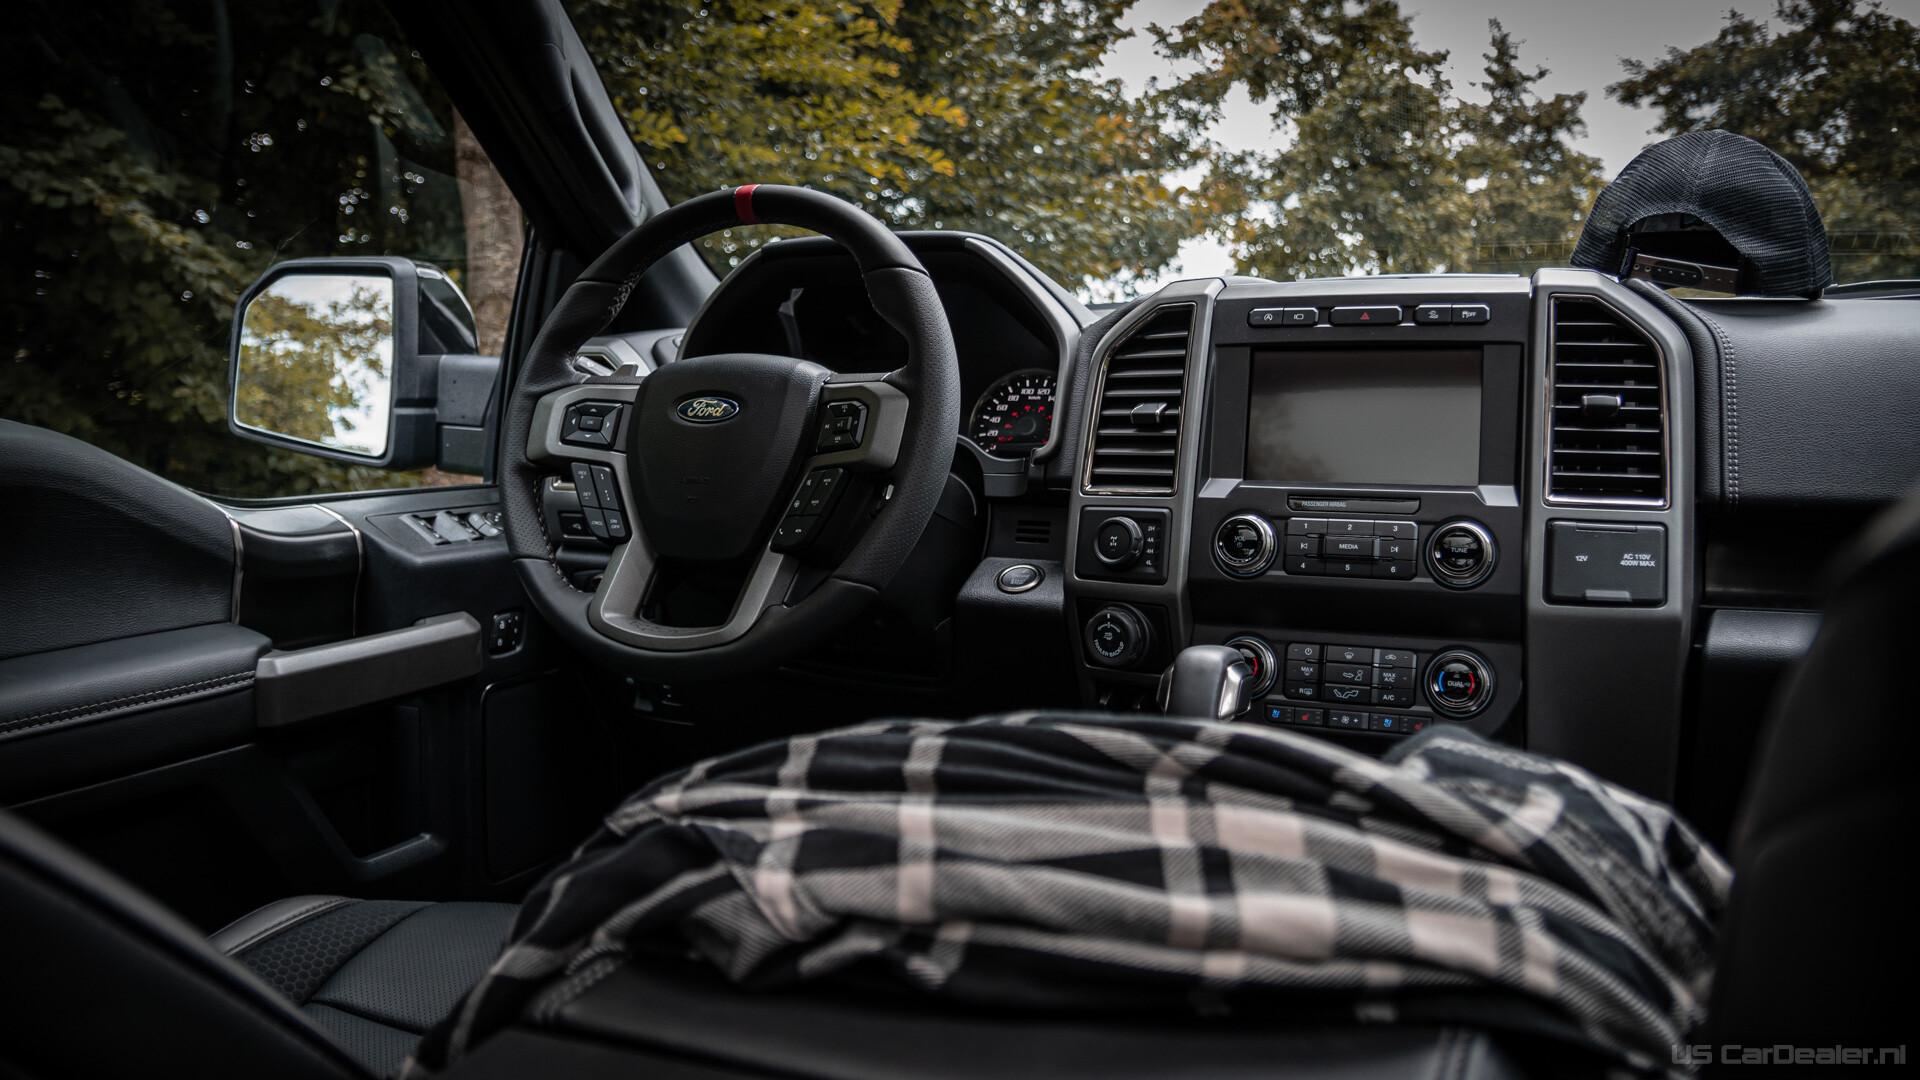 De meestverkochte pick-up ter wereld